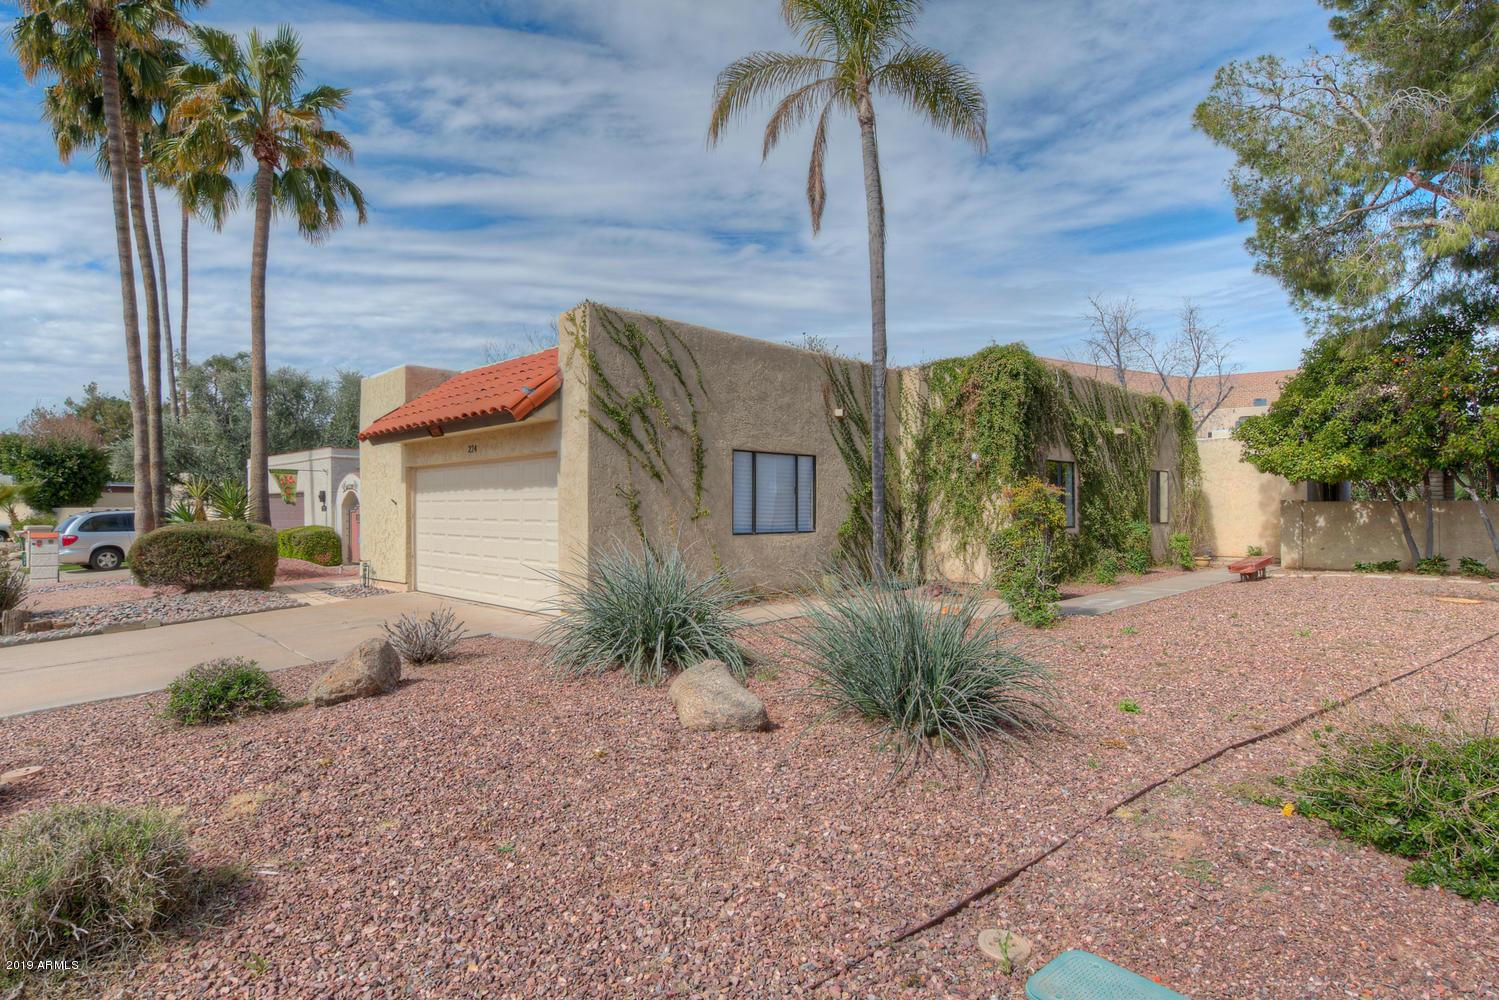 Photo of Phoenix, AZ 85023